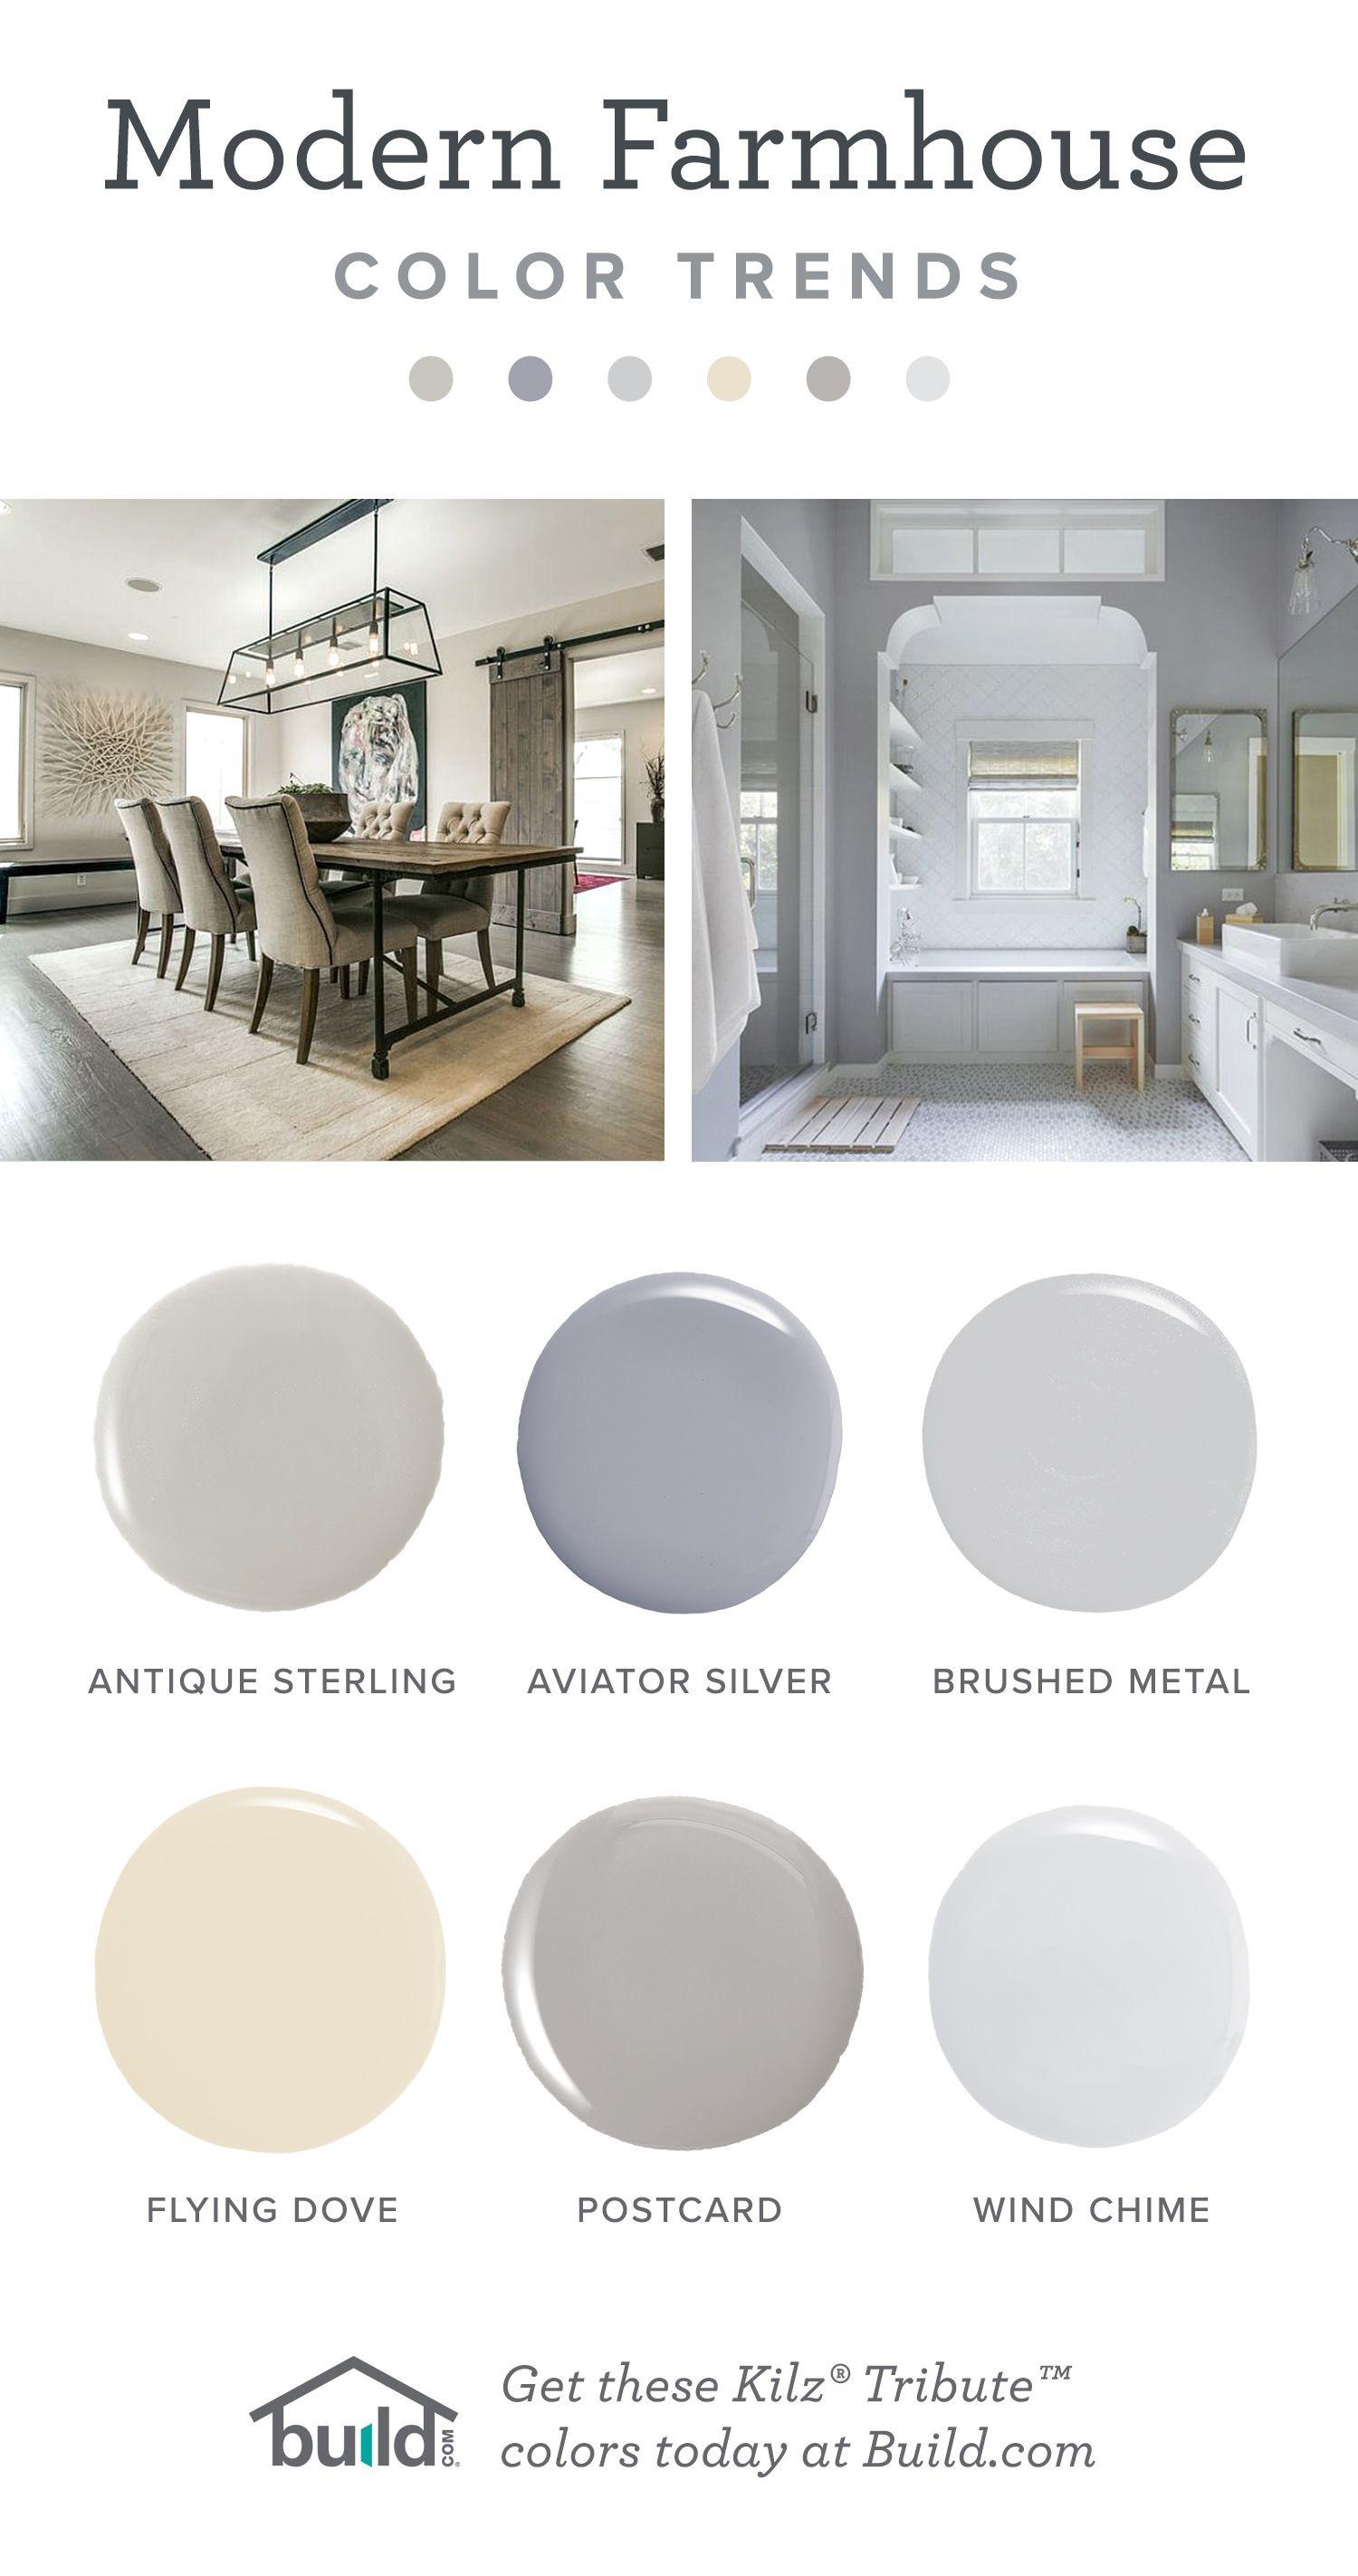 Best ideas about Kilz Paint Colors . Save or Pin Modern Farmhouse Paint Colors by Kilz Now.